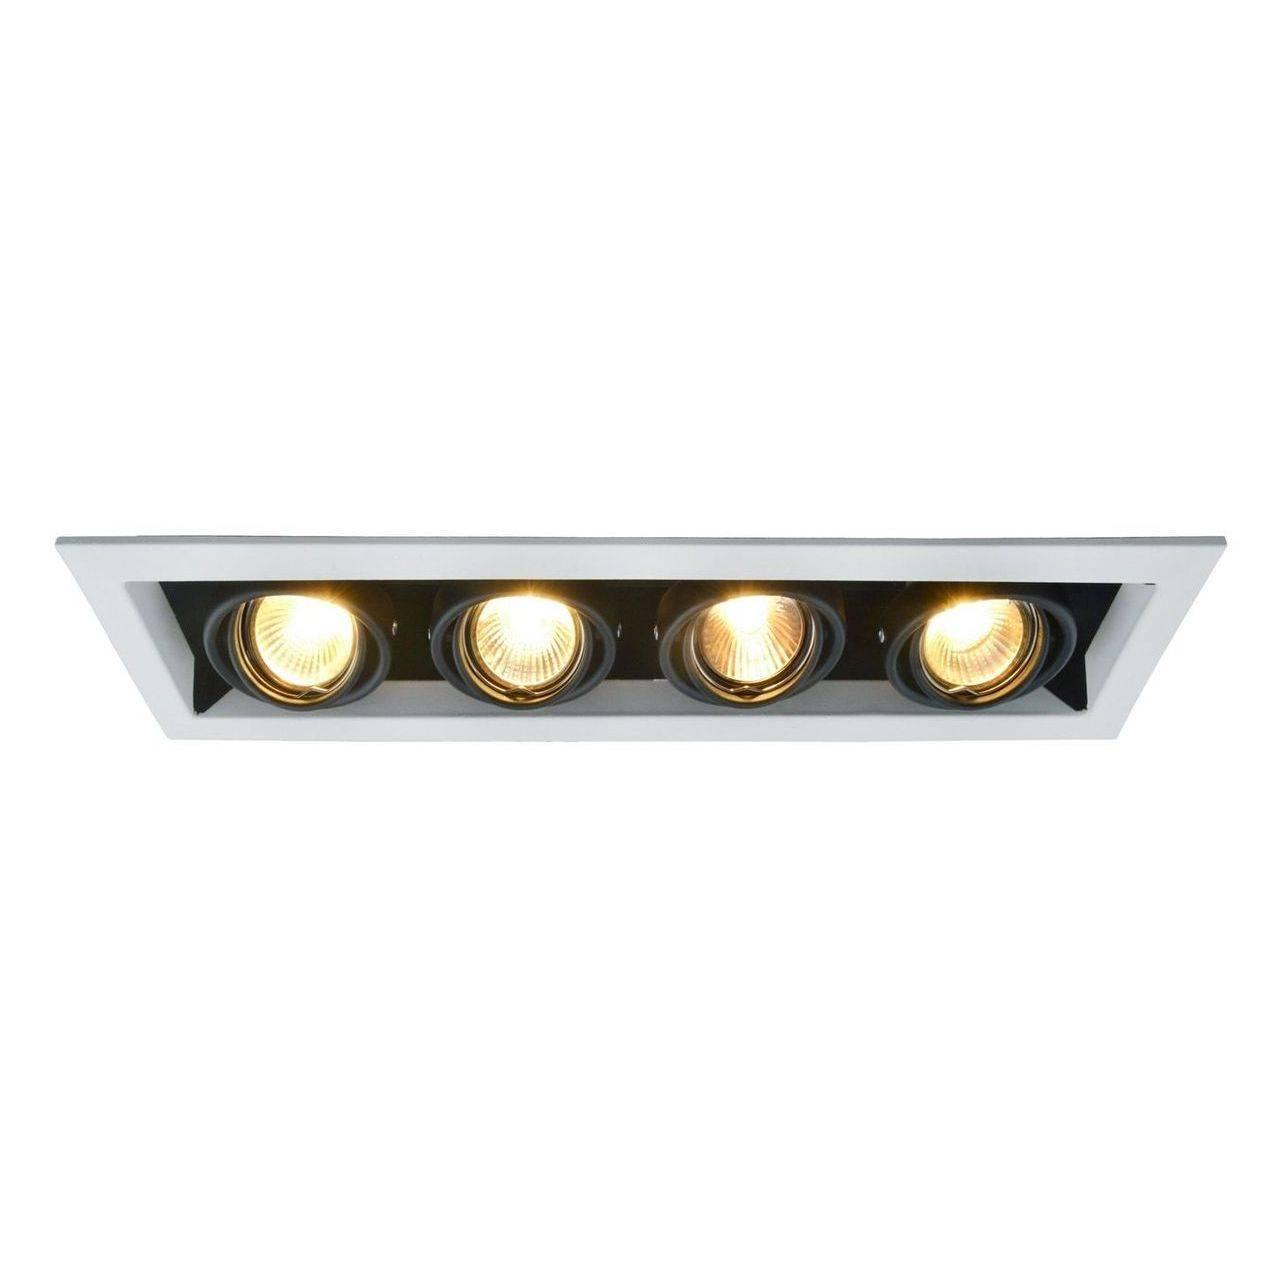 Встраиваемый светильник Arte Lamp, GU10, 200 Вт arte lamp встраиваемый светильник arte lamp cardani white a5941pl 4wh